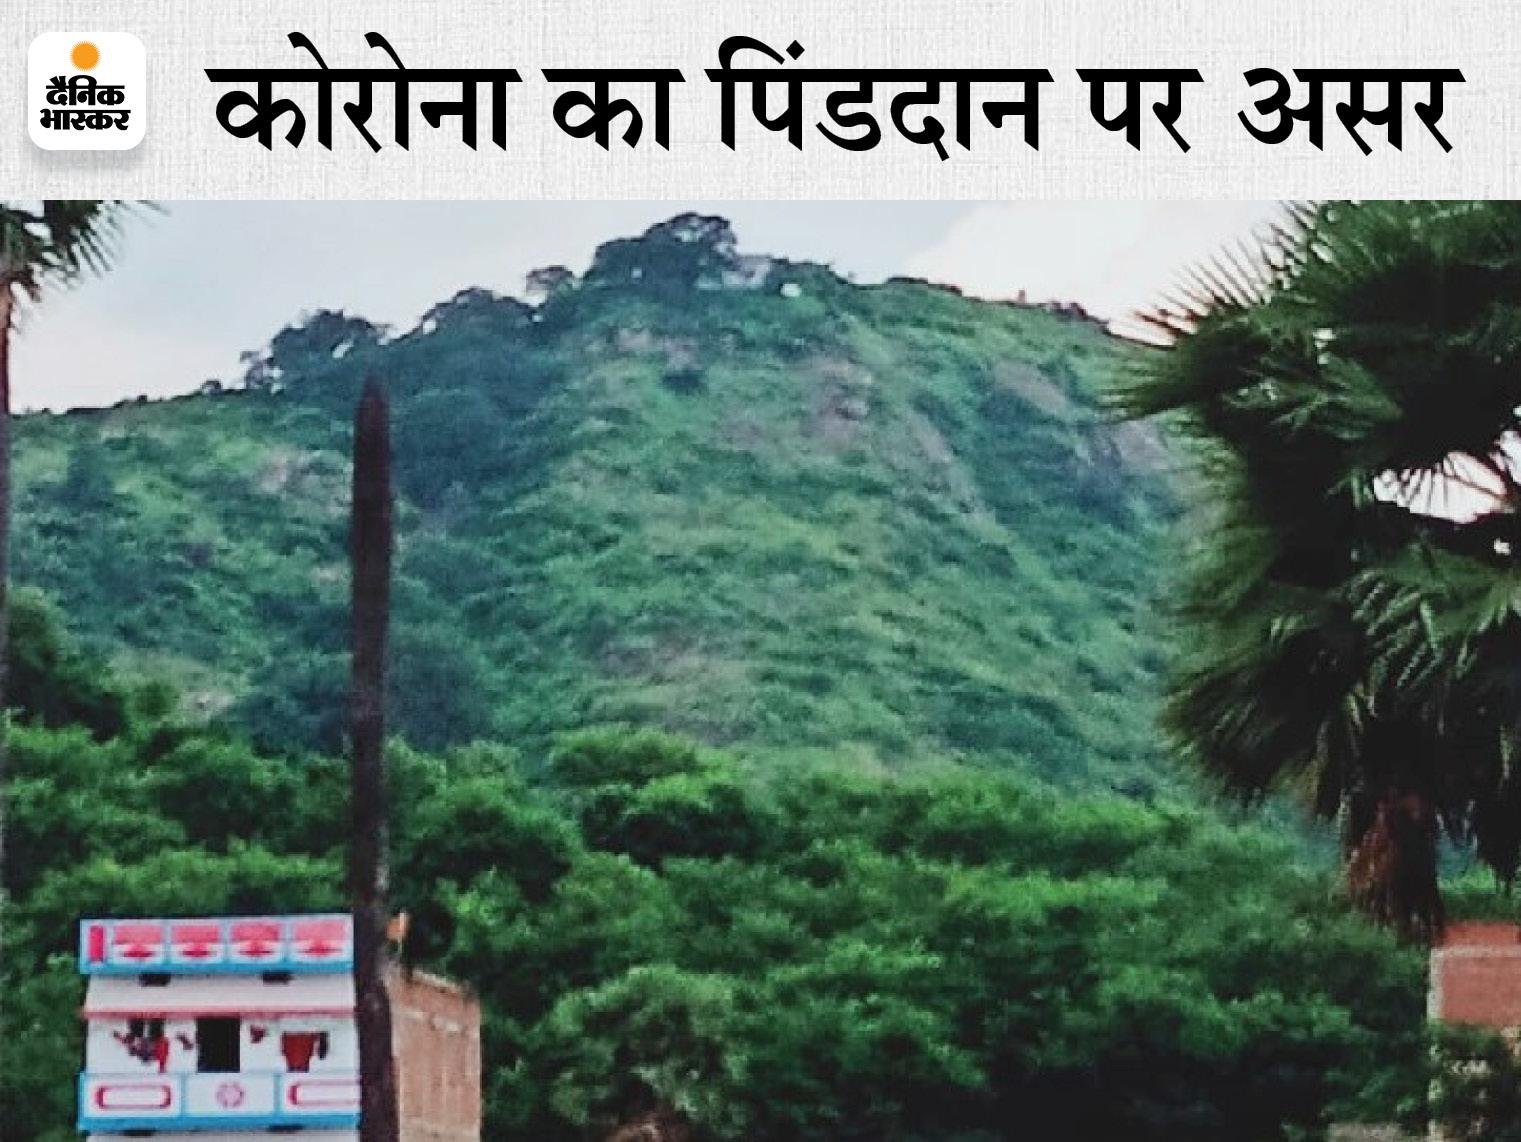 गया में इस साल भी हिंदुओं का महत्वपूर्ण कर्मकांड टला; नहीं लगेगा पितृपक्ष मेला, अकाल मृत्यु की शिकार आत्माओं के लिए भी प्रेतशिला पर्वत पर नहीं उड़ेगा सत्तू गया,Gaya - Dainik Bhaskar